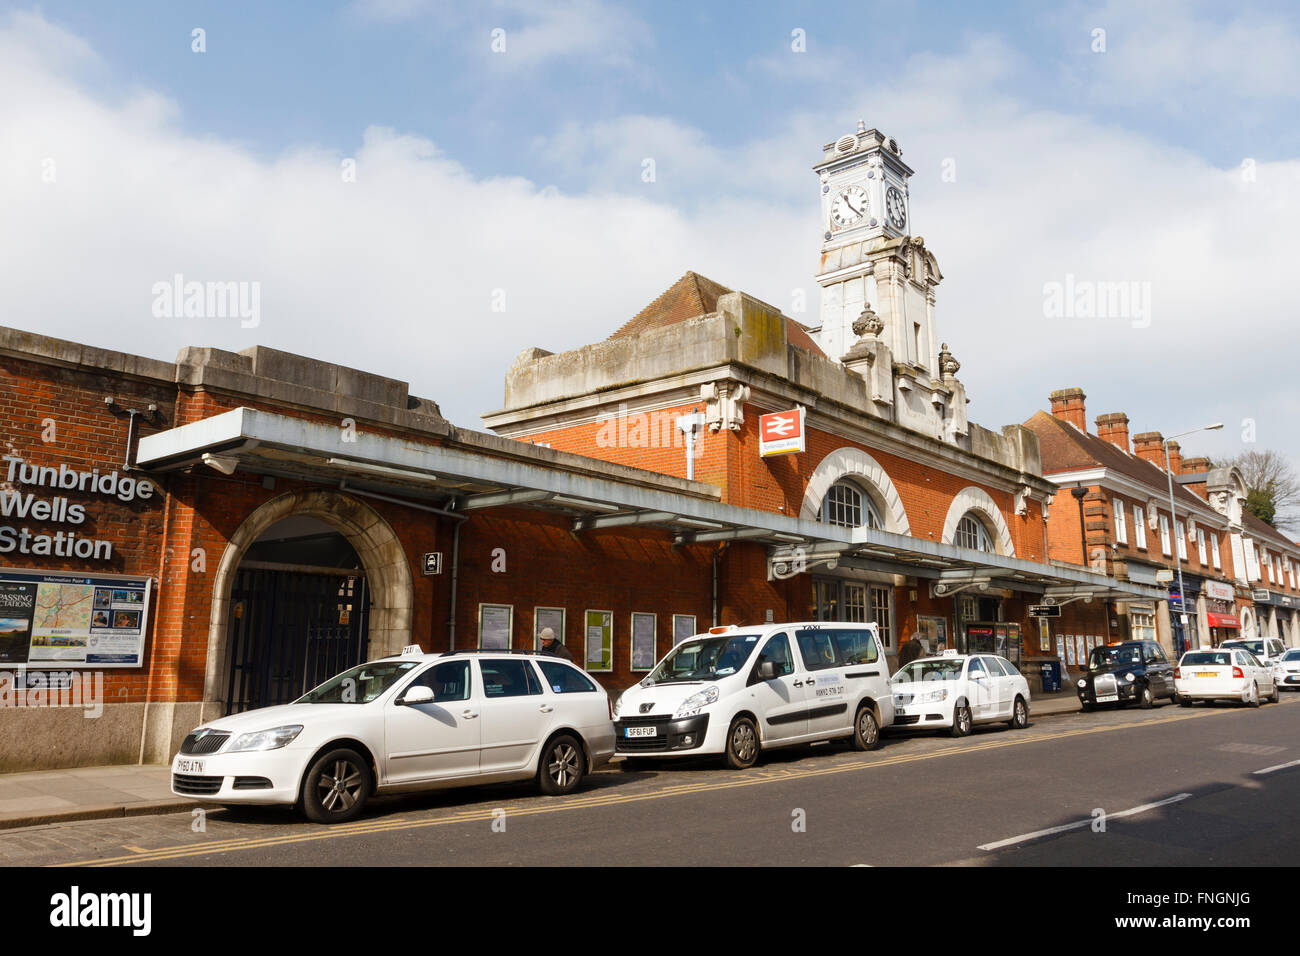 Station de taxis à la gare de Tunbridge Wells, Kent, England, UK Banque D'Images